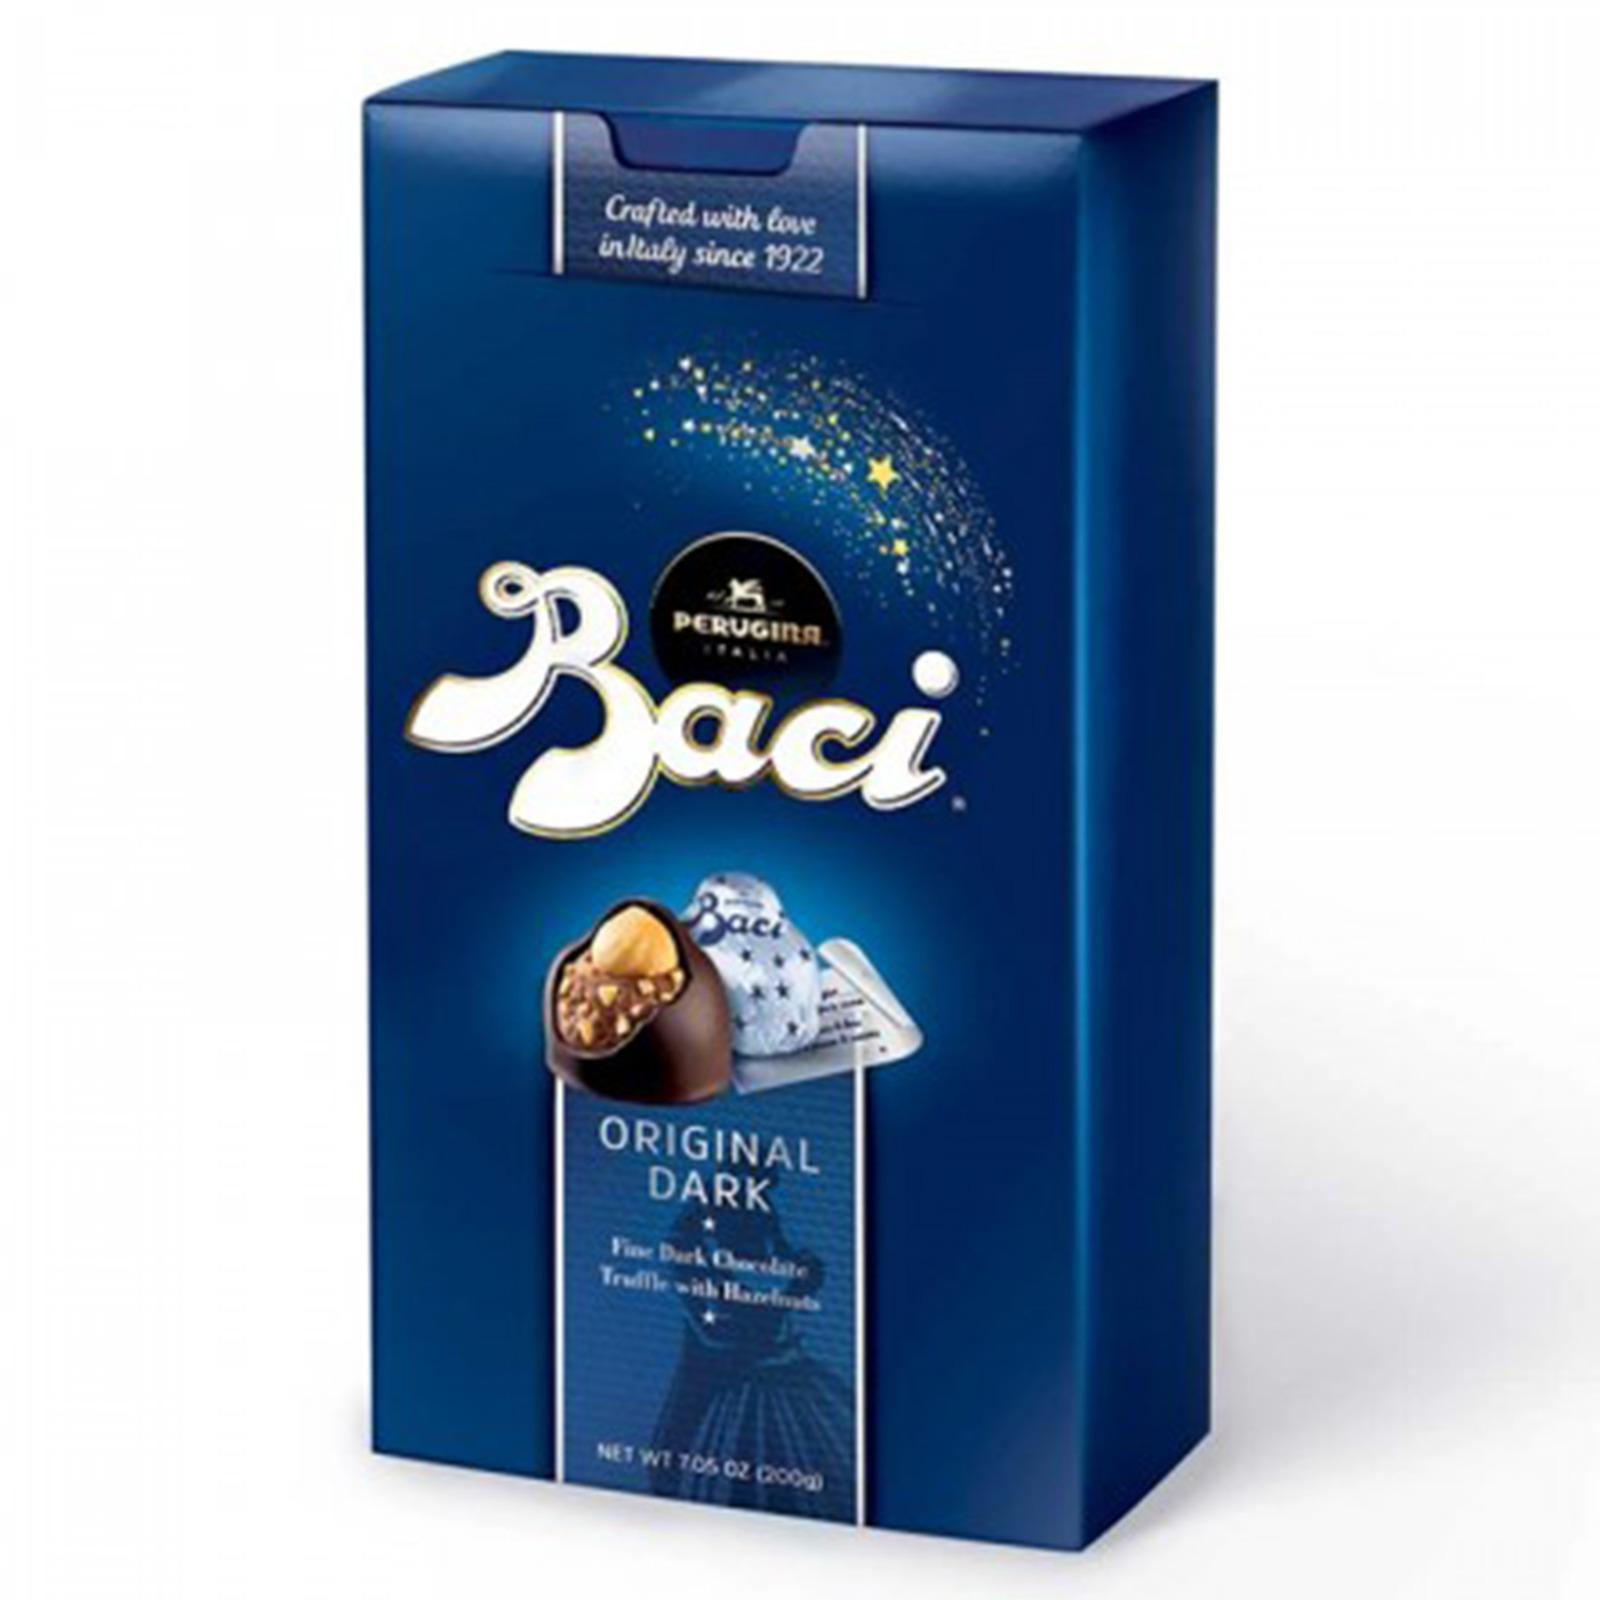 Baci - Original Bijou